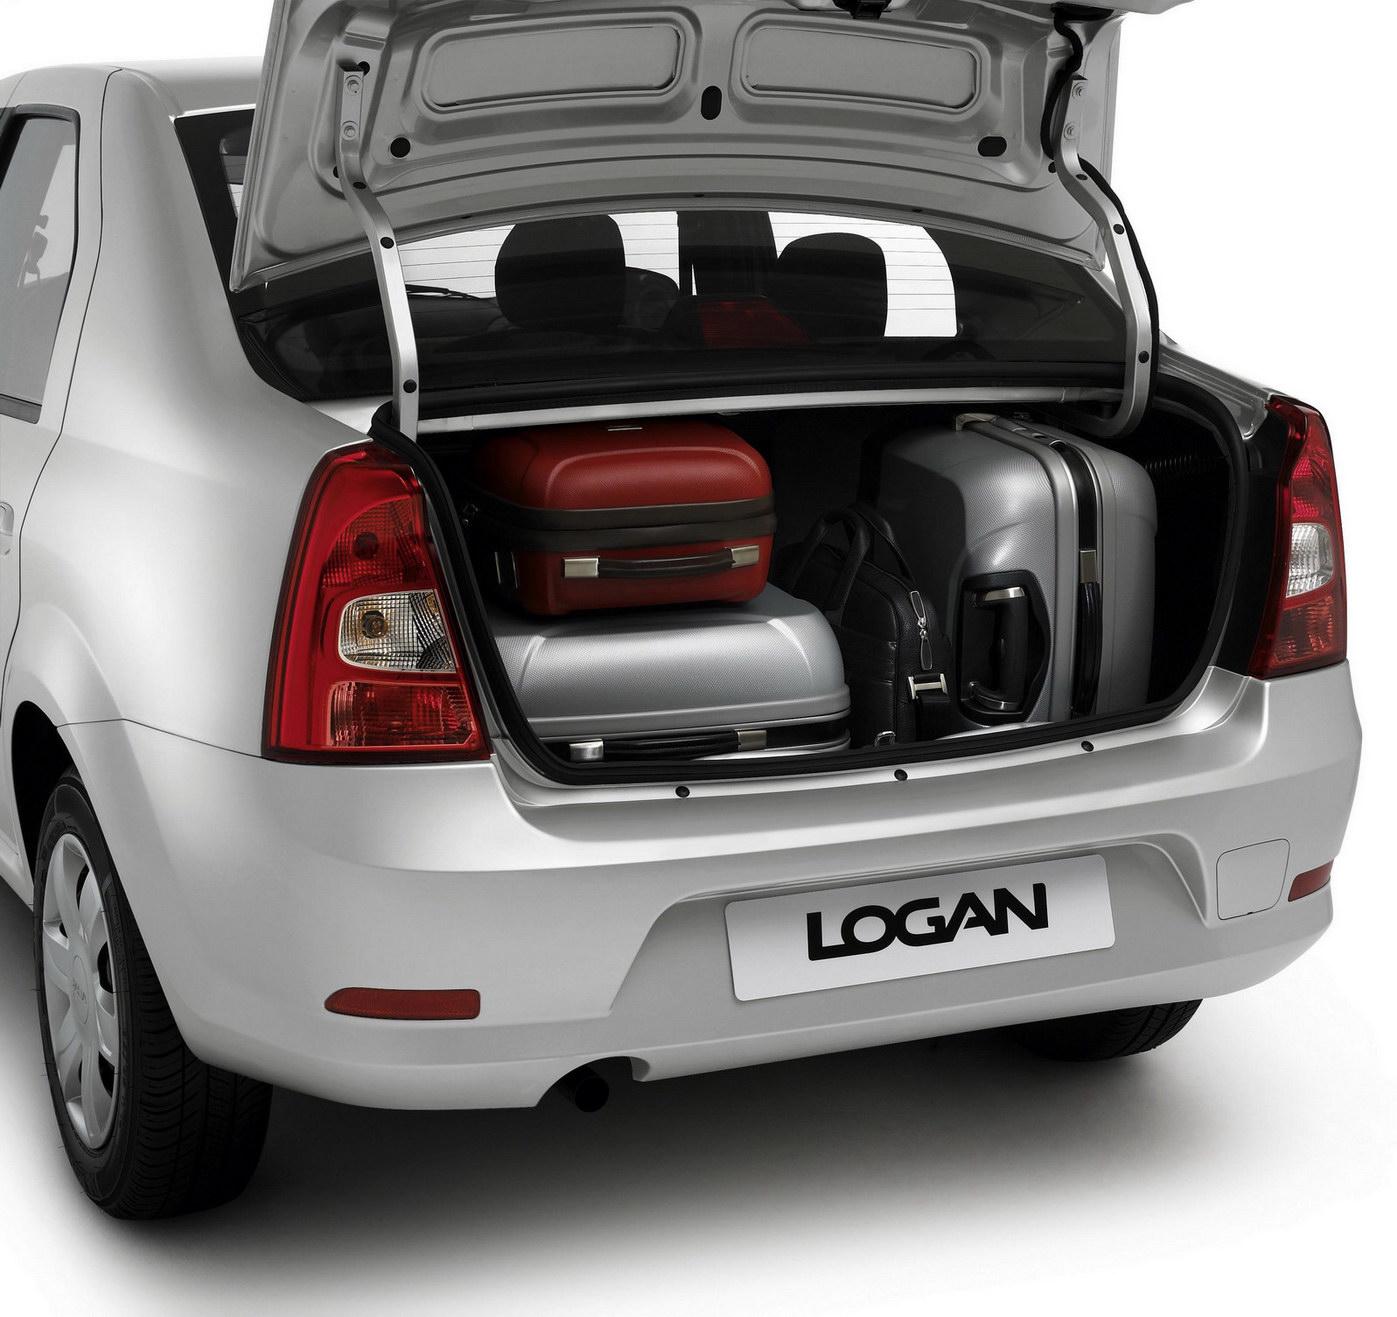 Dacia New Logan 15 New Dacia Logan: Subtle Redesign